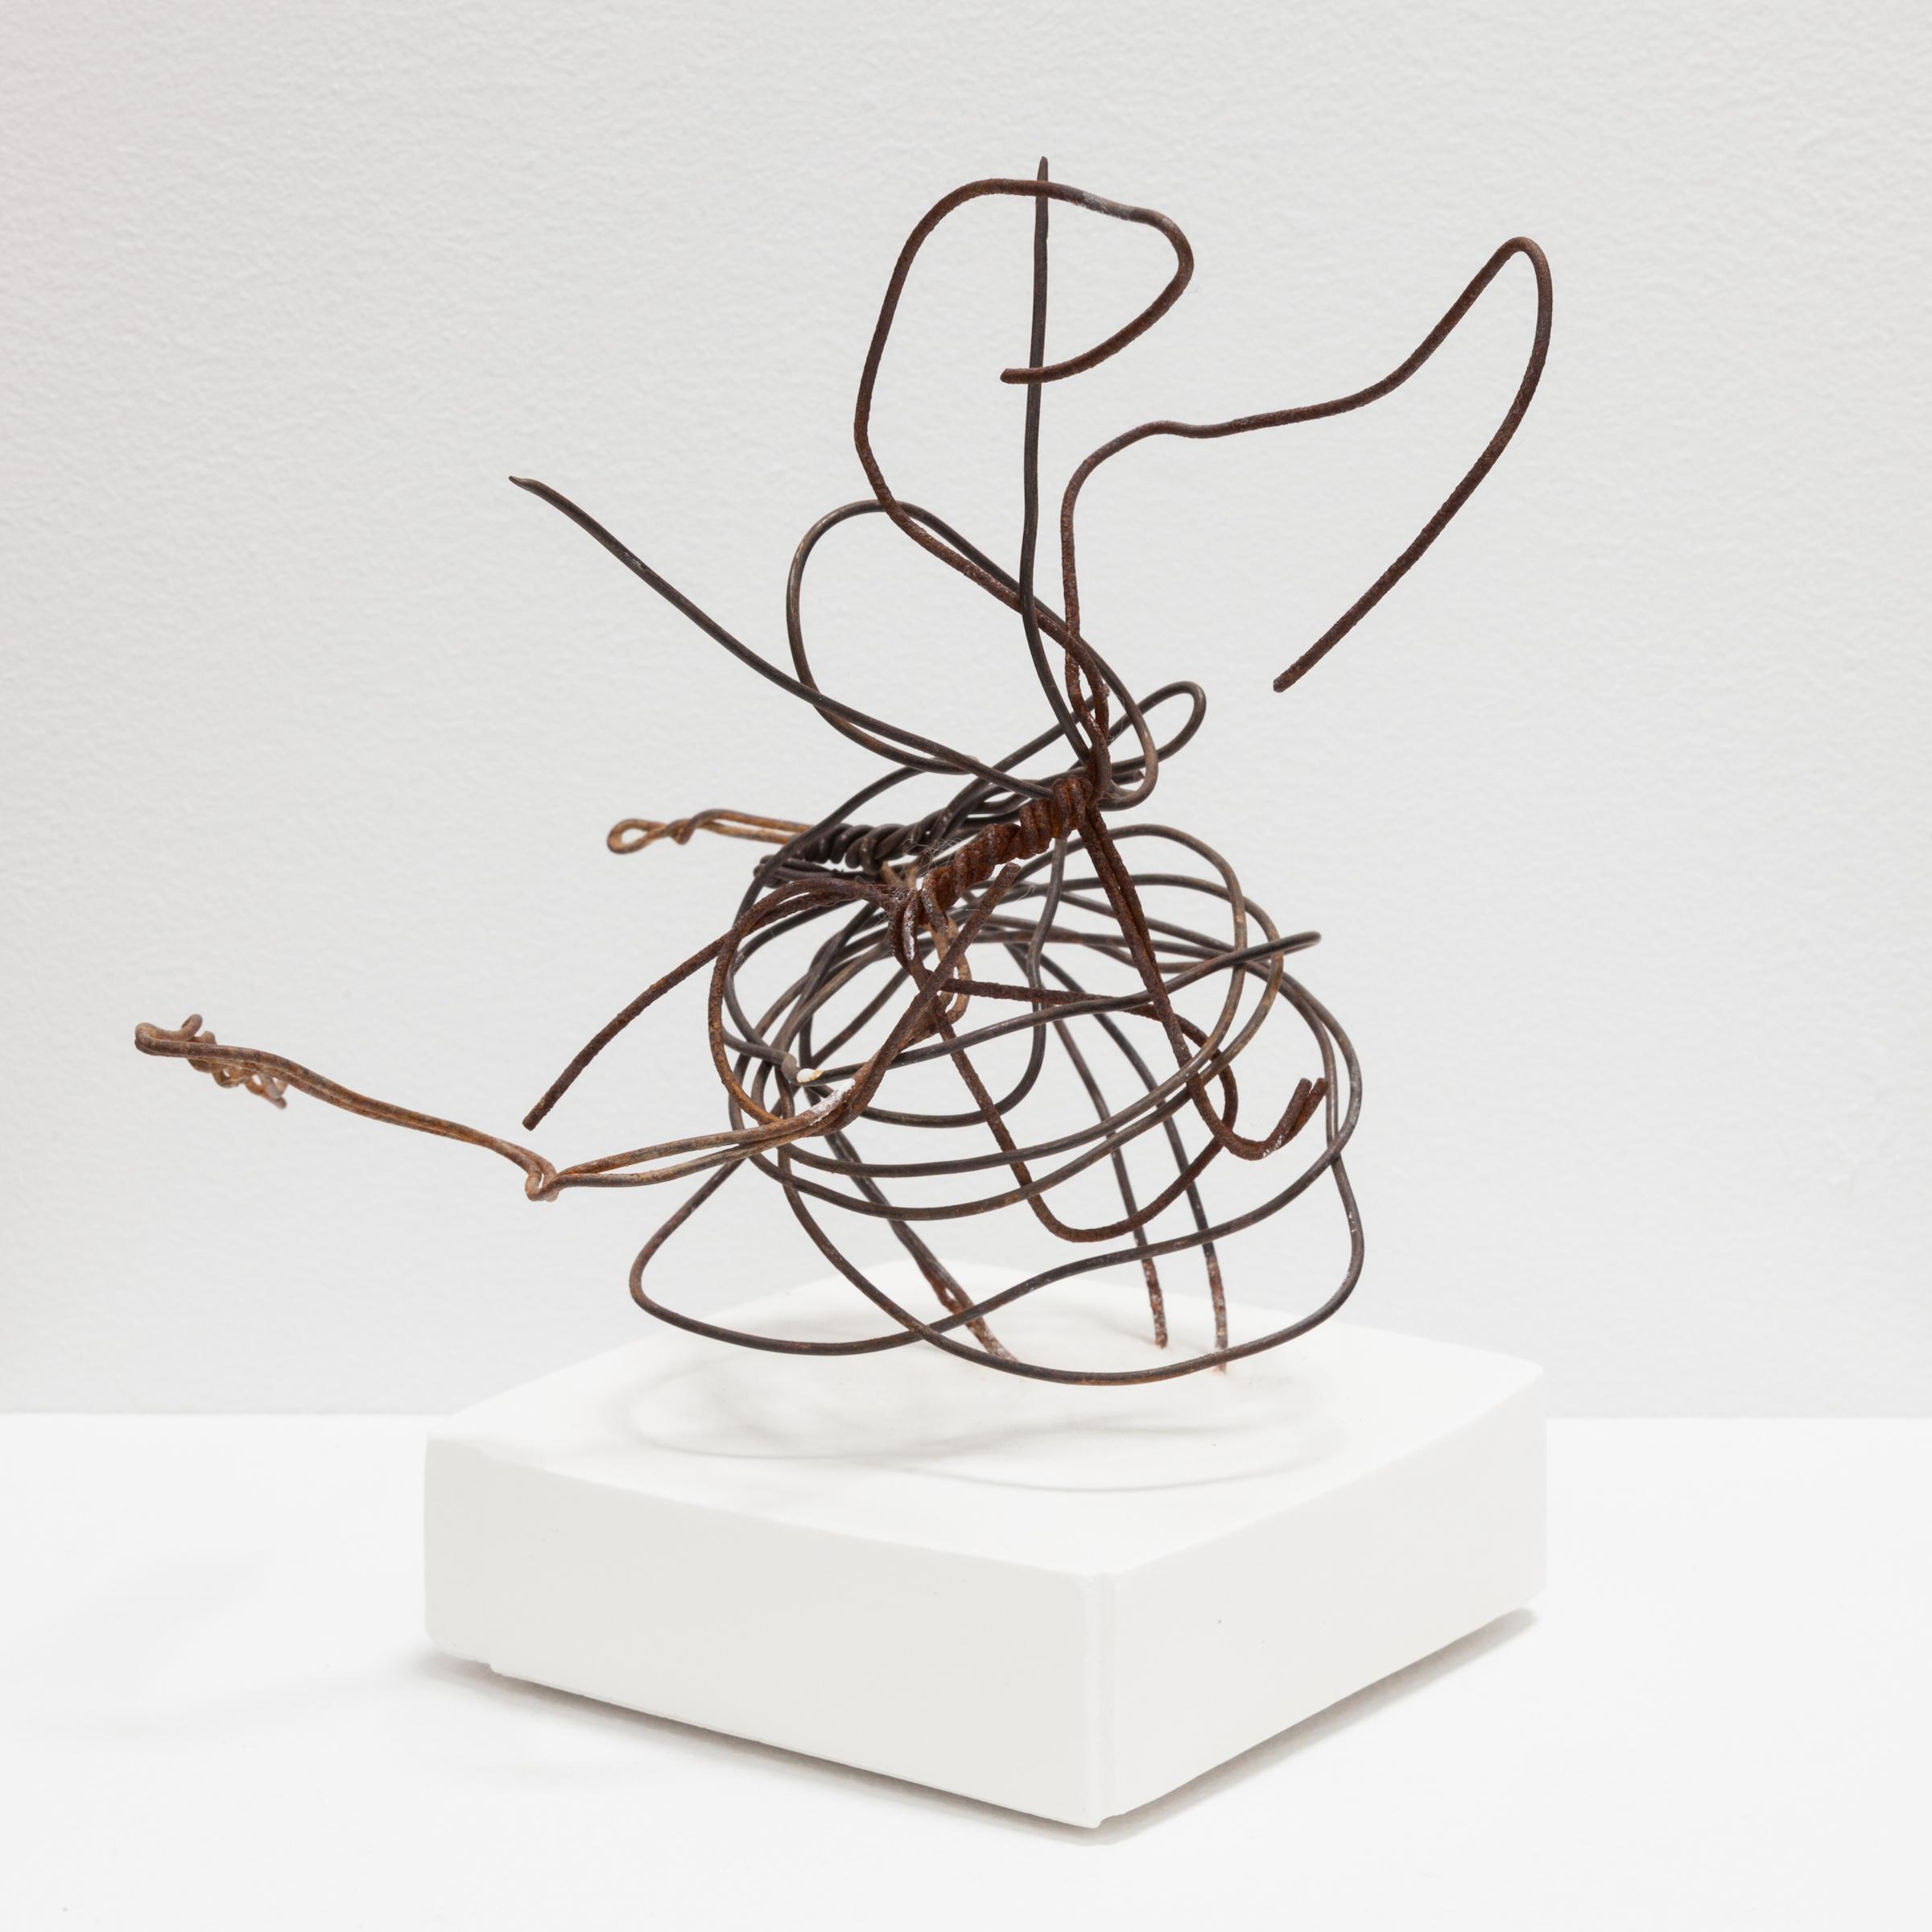 Deborah Hede,  Wire Hanger , 2017, wire, plaster, 7 × 4 × 4 in